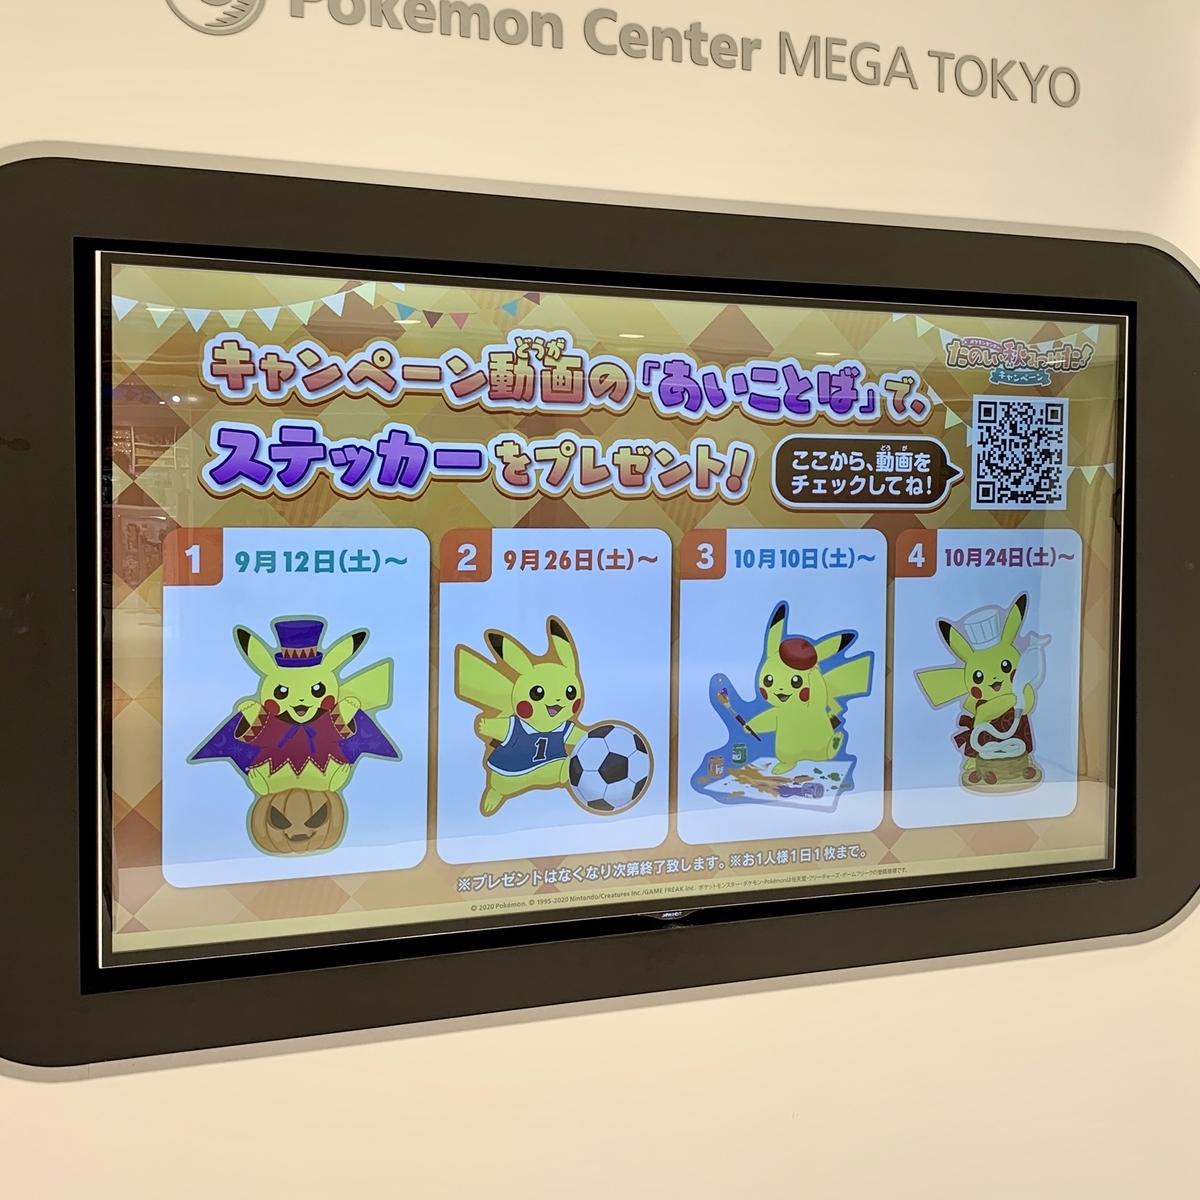 f:id:pikachu_pcn:20200912232417j:plain